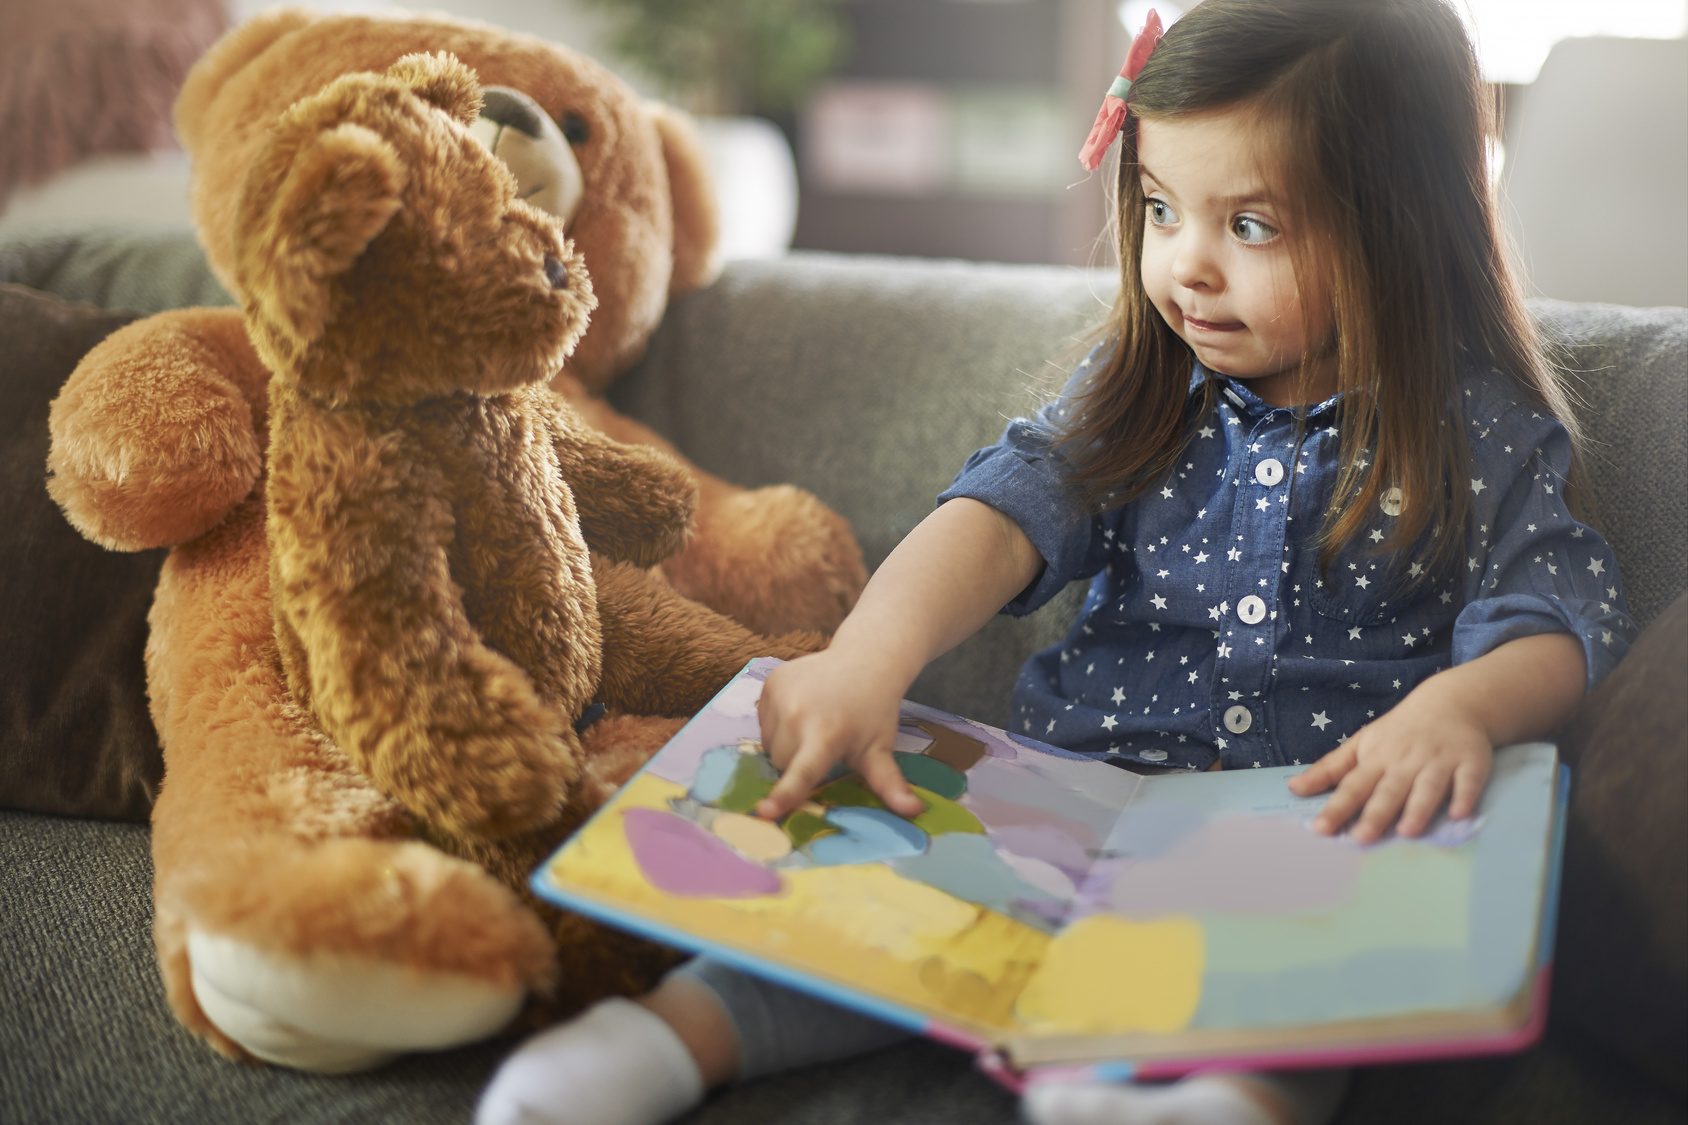 zdjęcie przedstawiające dziewczynkę z książką uczącą misia